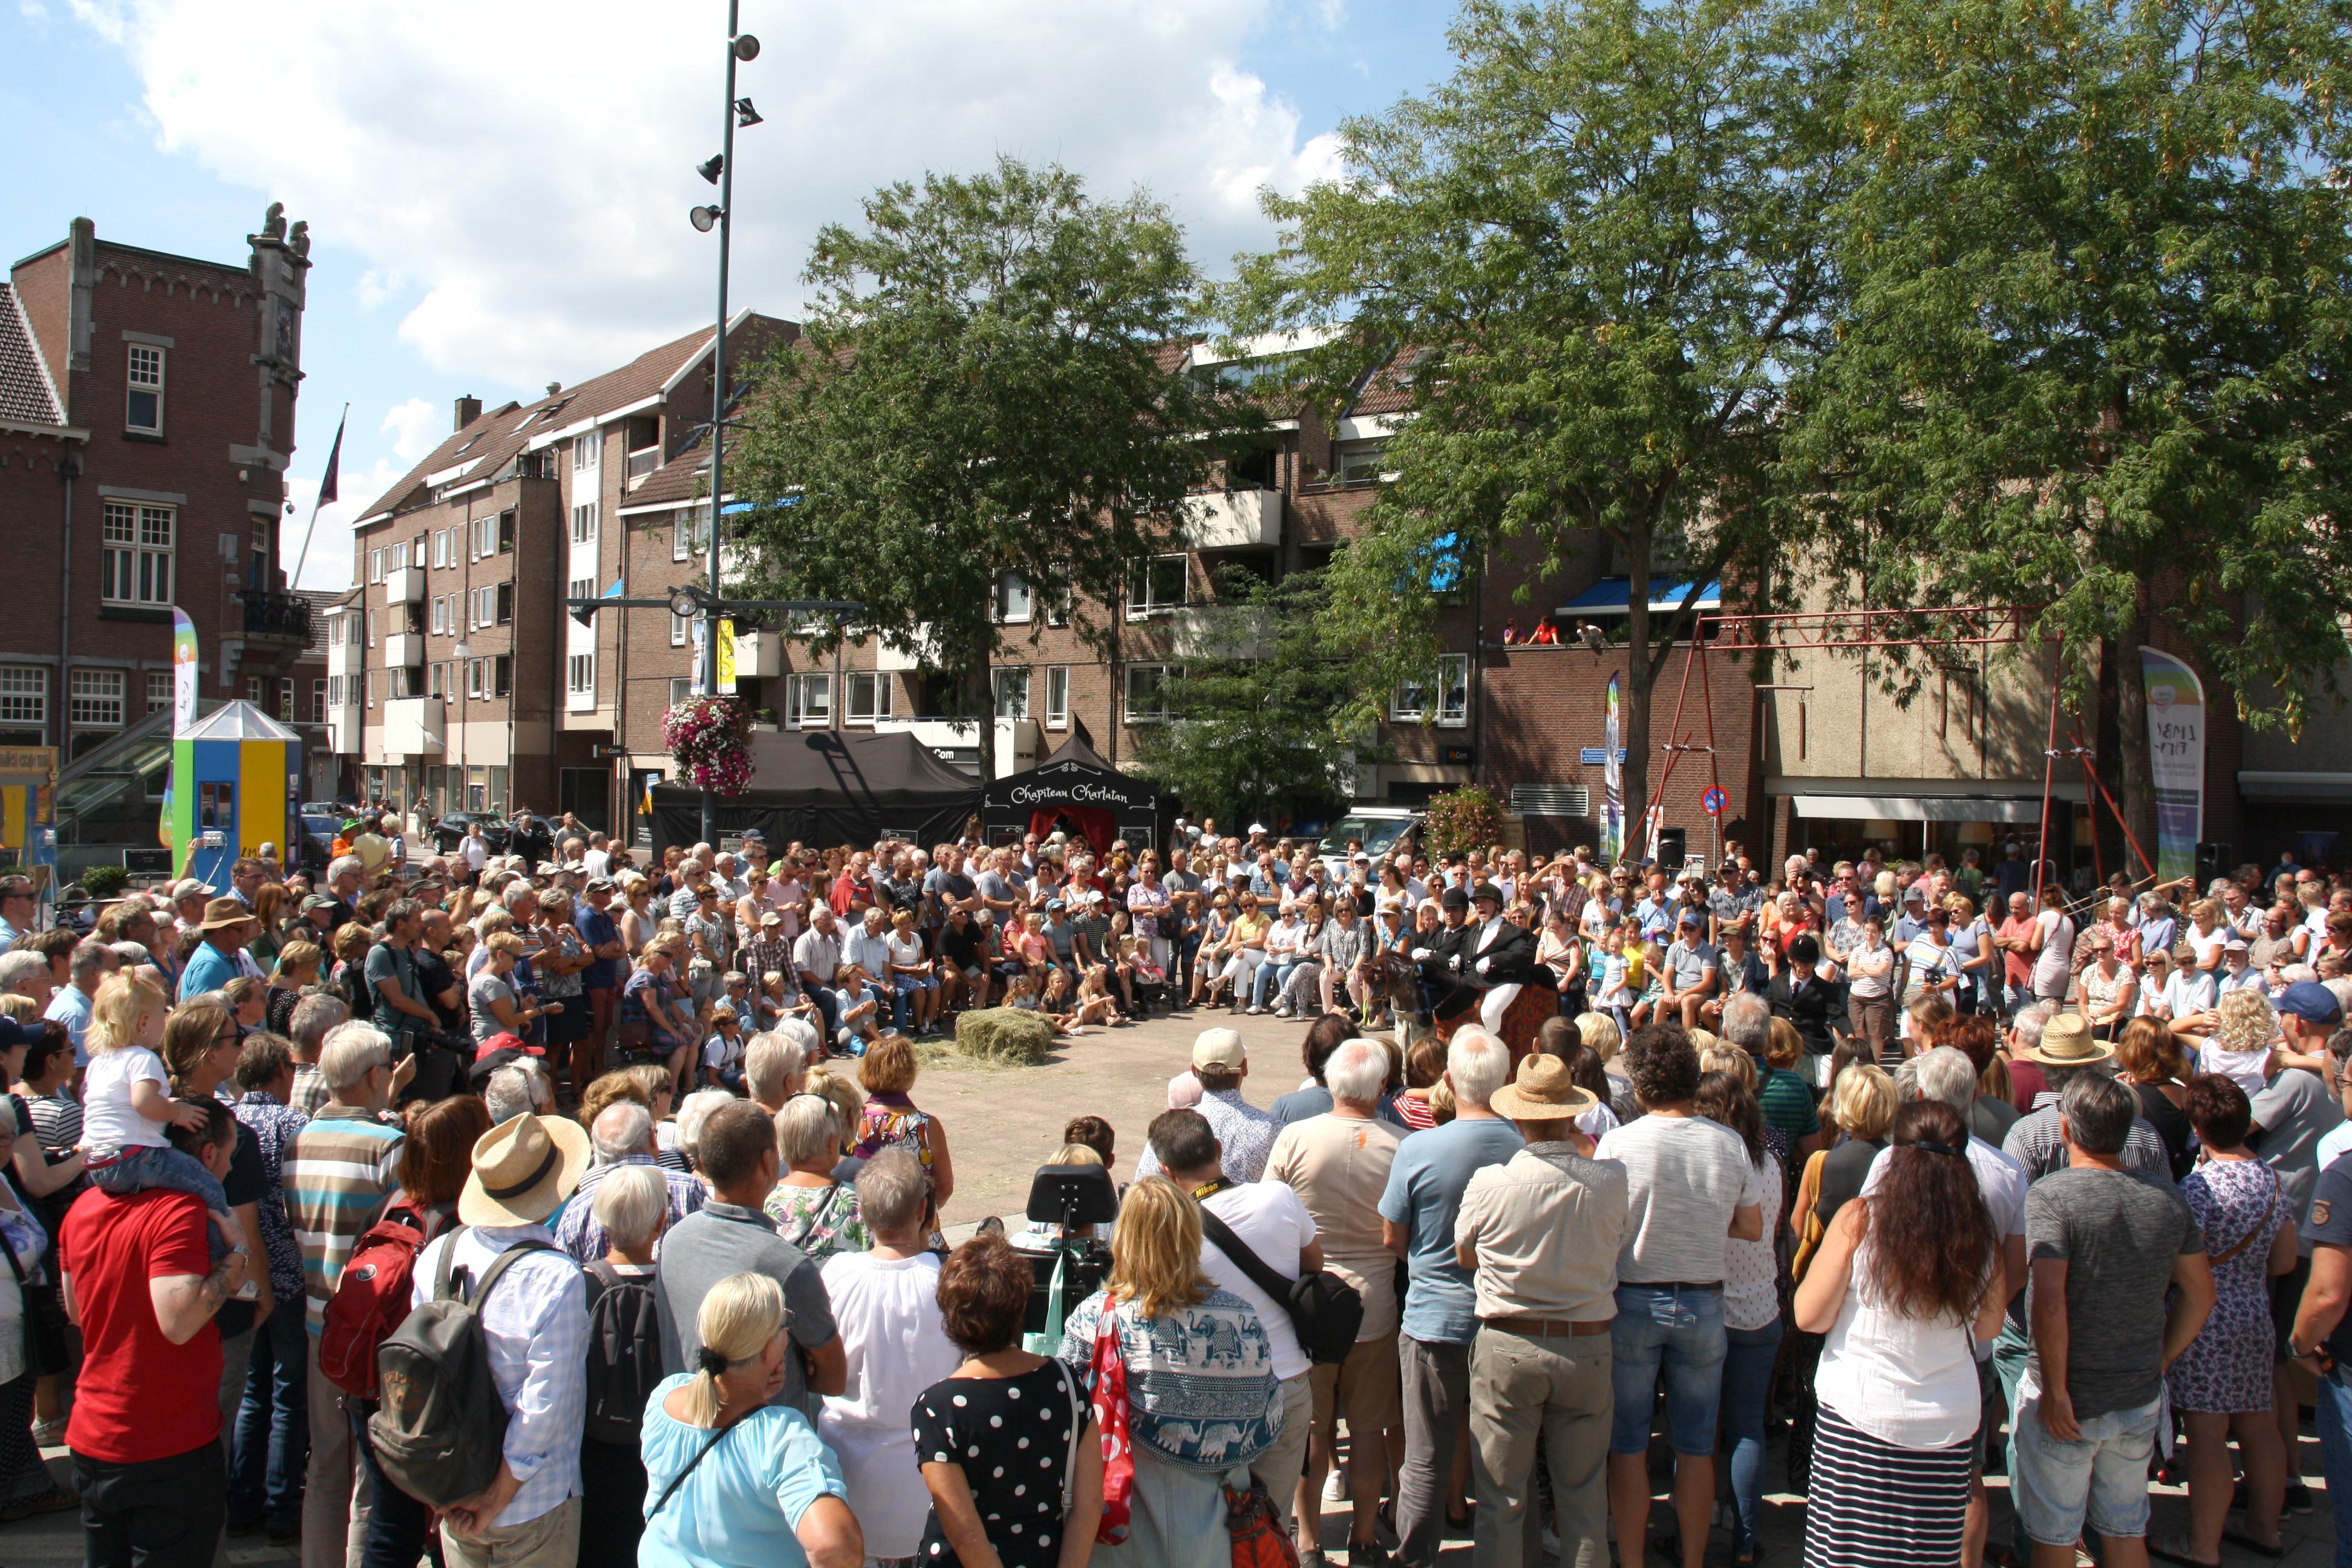 Grote drukte tijdens de Gekleurde Stad in Roermond.